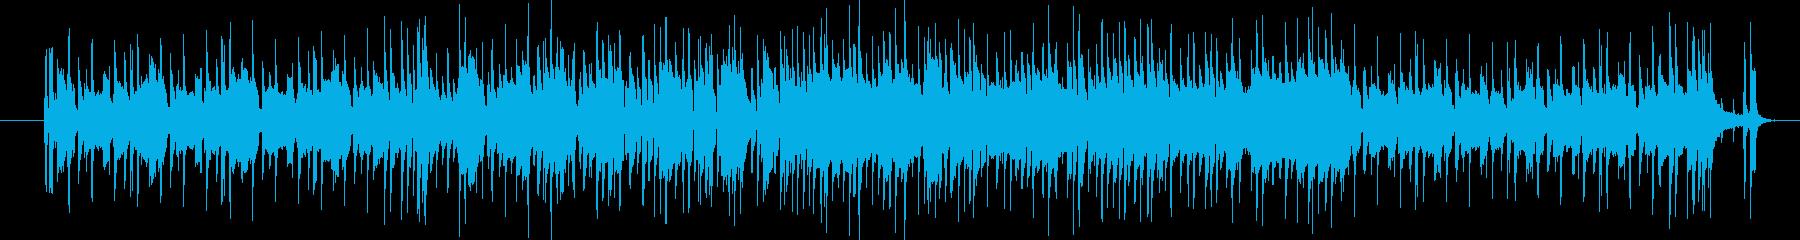 軽快なポップス(ガイドメロディ付き)の再生済みの波形